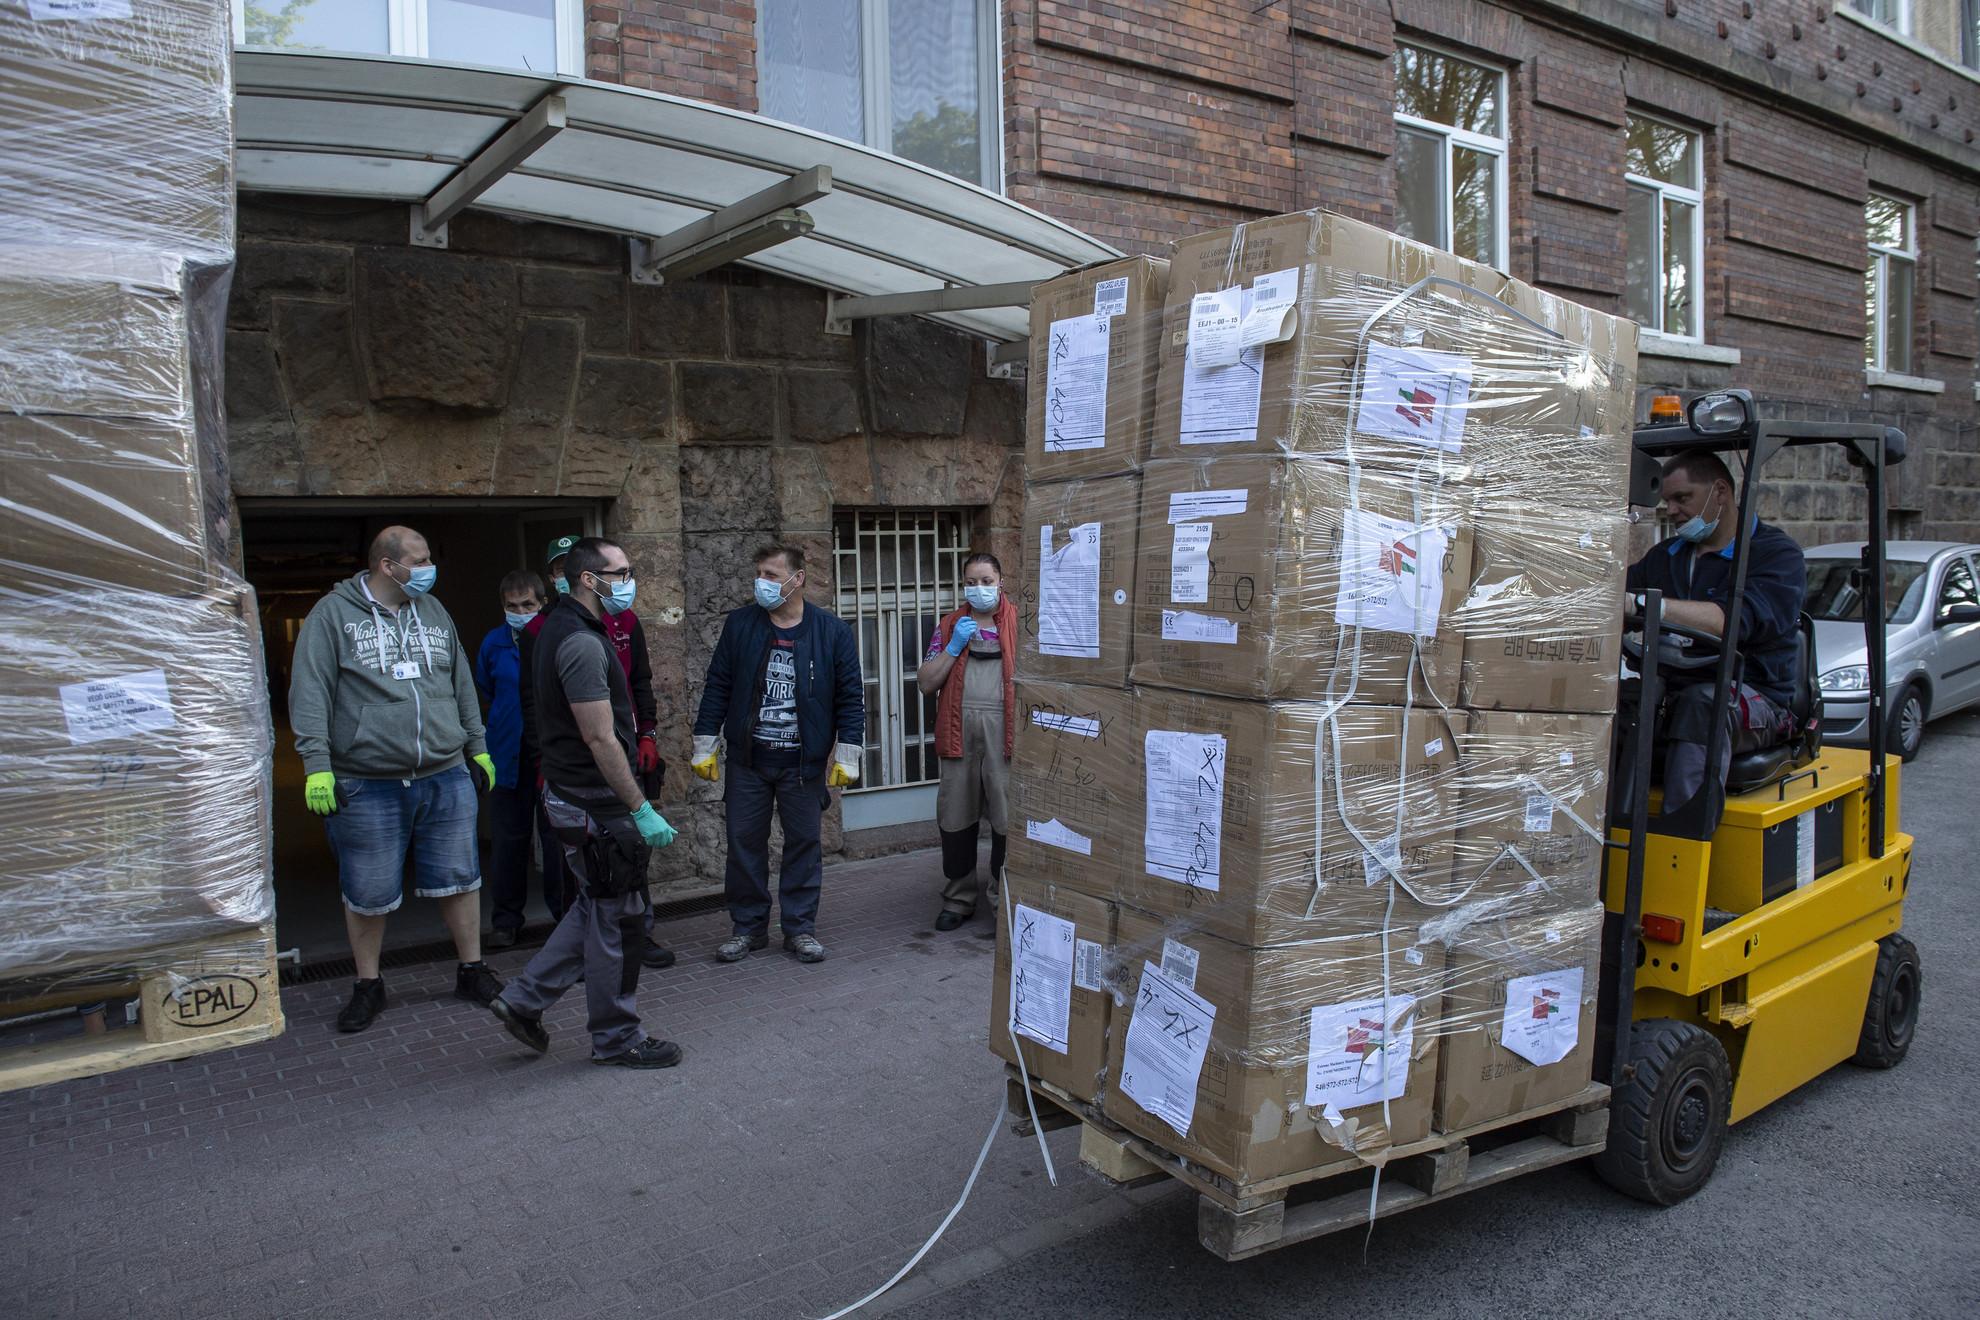 A koronavírus-járvány elleni védekezéshez szükséges egészségügyi védőeszközöket pakolják Budapesten, a Bajcsy-Zsilinszky Kórháznál